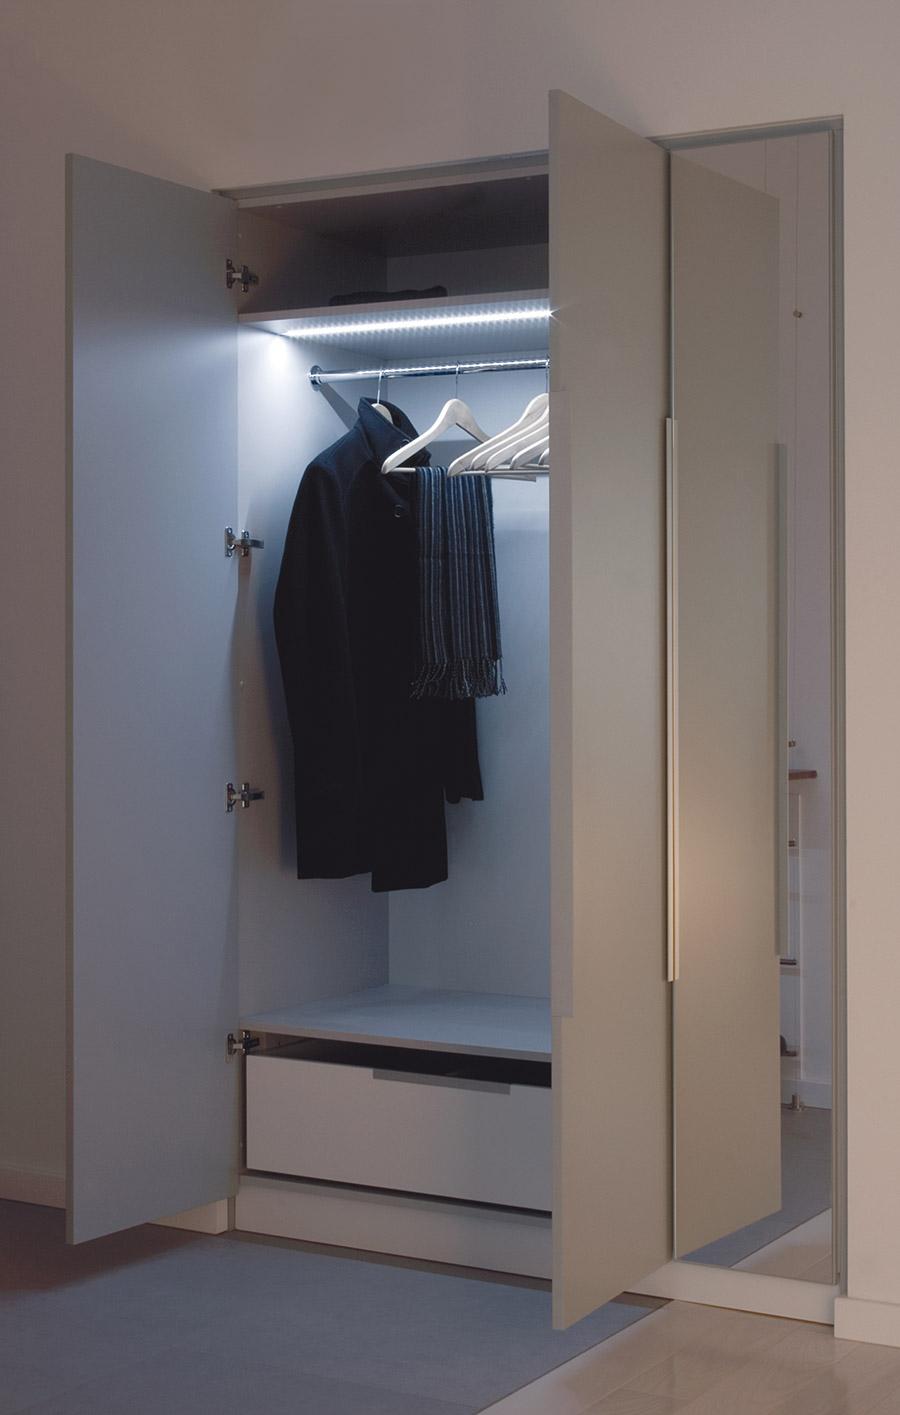 oświetlenie w szafie przy pomocy profilu z firmy Klus